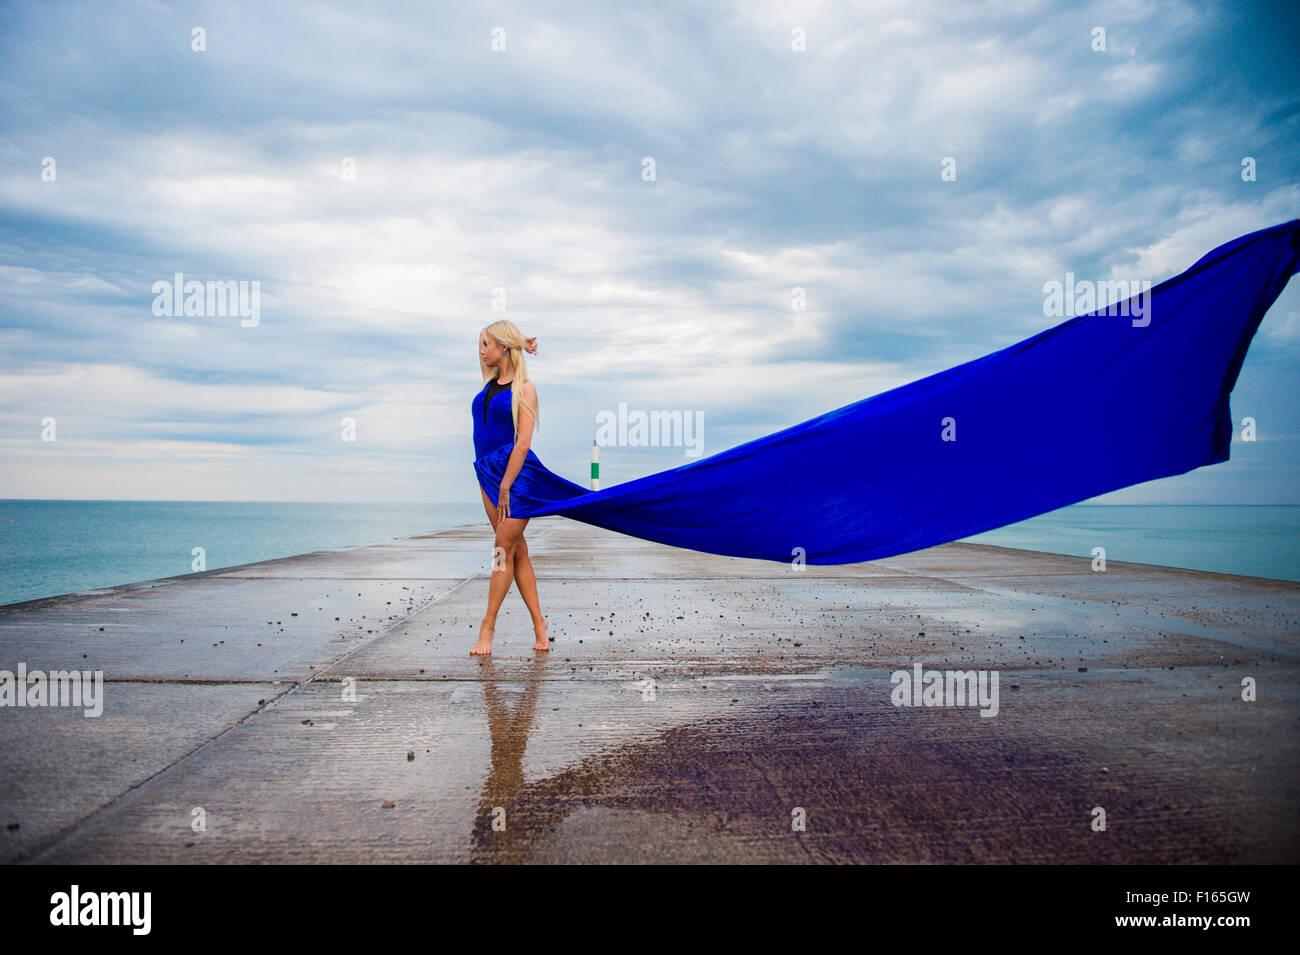 La photographie en extérieur - un grand slim blonde blonde femme fille model posing outdoors sur une soirée Photo Stock